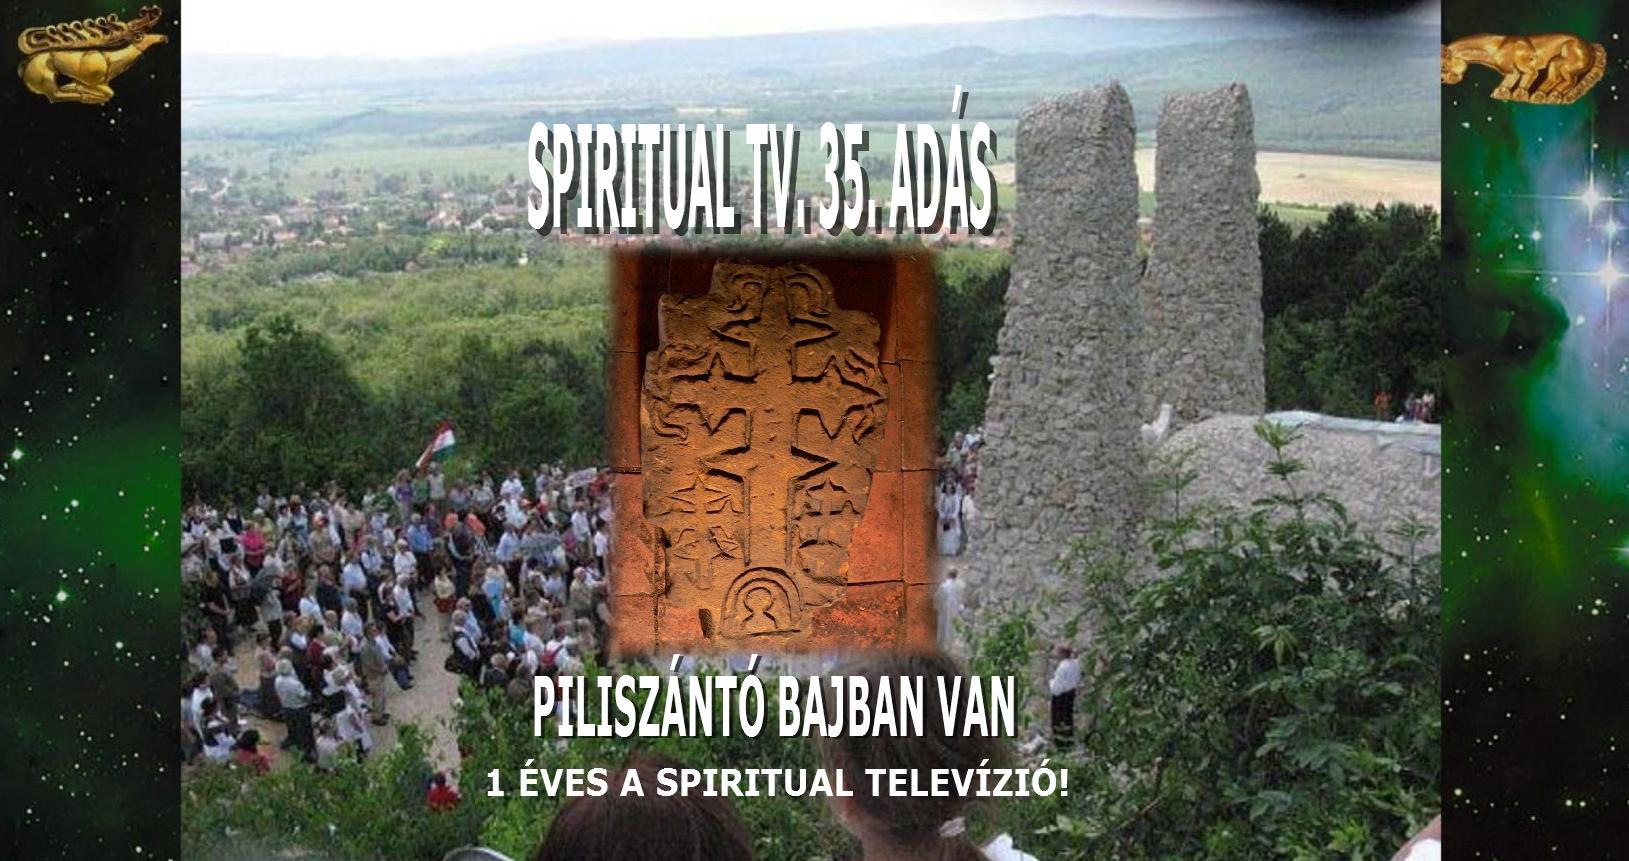 1 ÉVES A                                                           SPIRITUAL                                                           TELEVÍZIÓ!